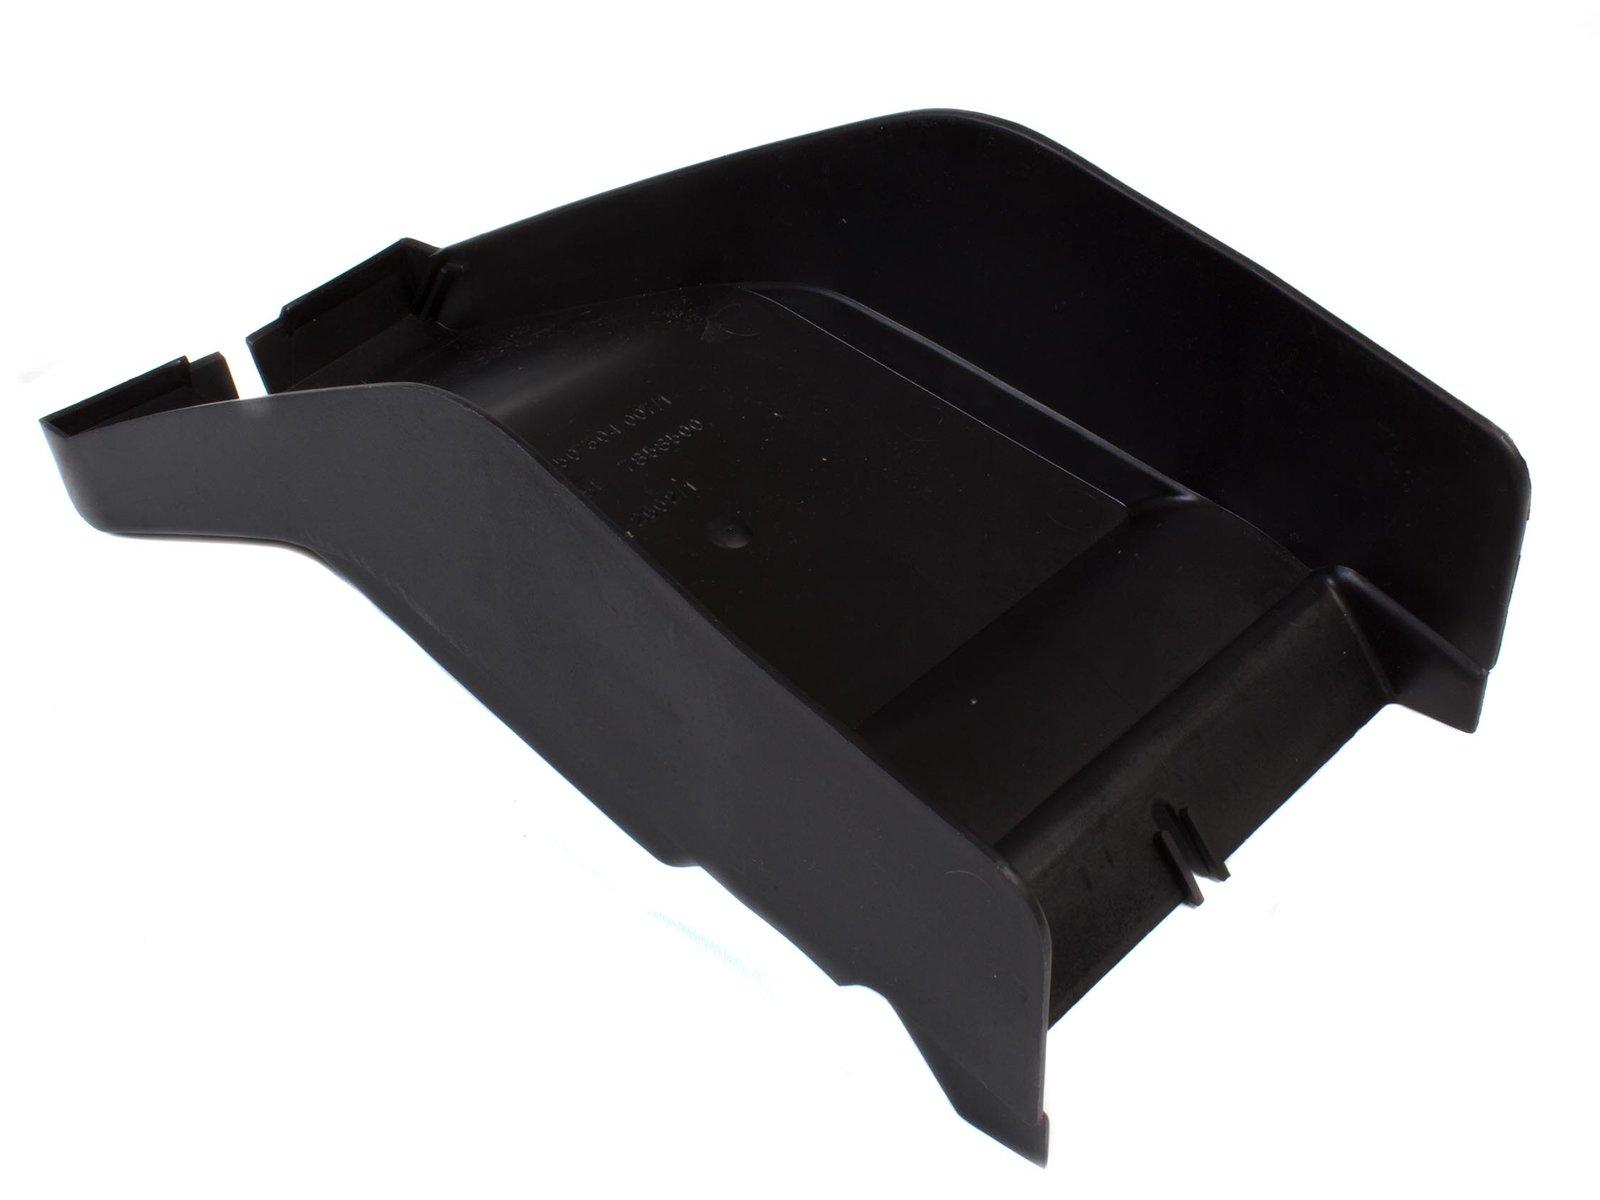 f/ür kleine Hunde und Katzen Haustier-Autotasche tragbar Autoteppich-Booster faltbar Autositzkorb Oxford-Gewebe dick und bequem Sicherheitssitz-Schutztasche mit Clip On Sicherheitsleine